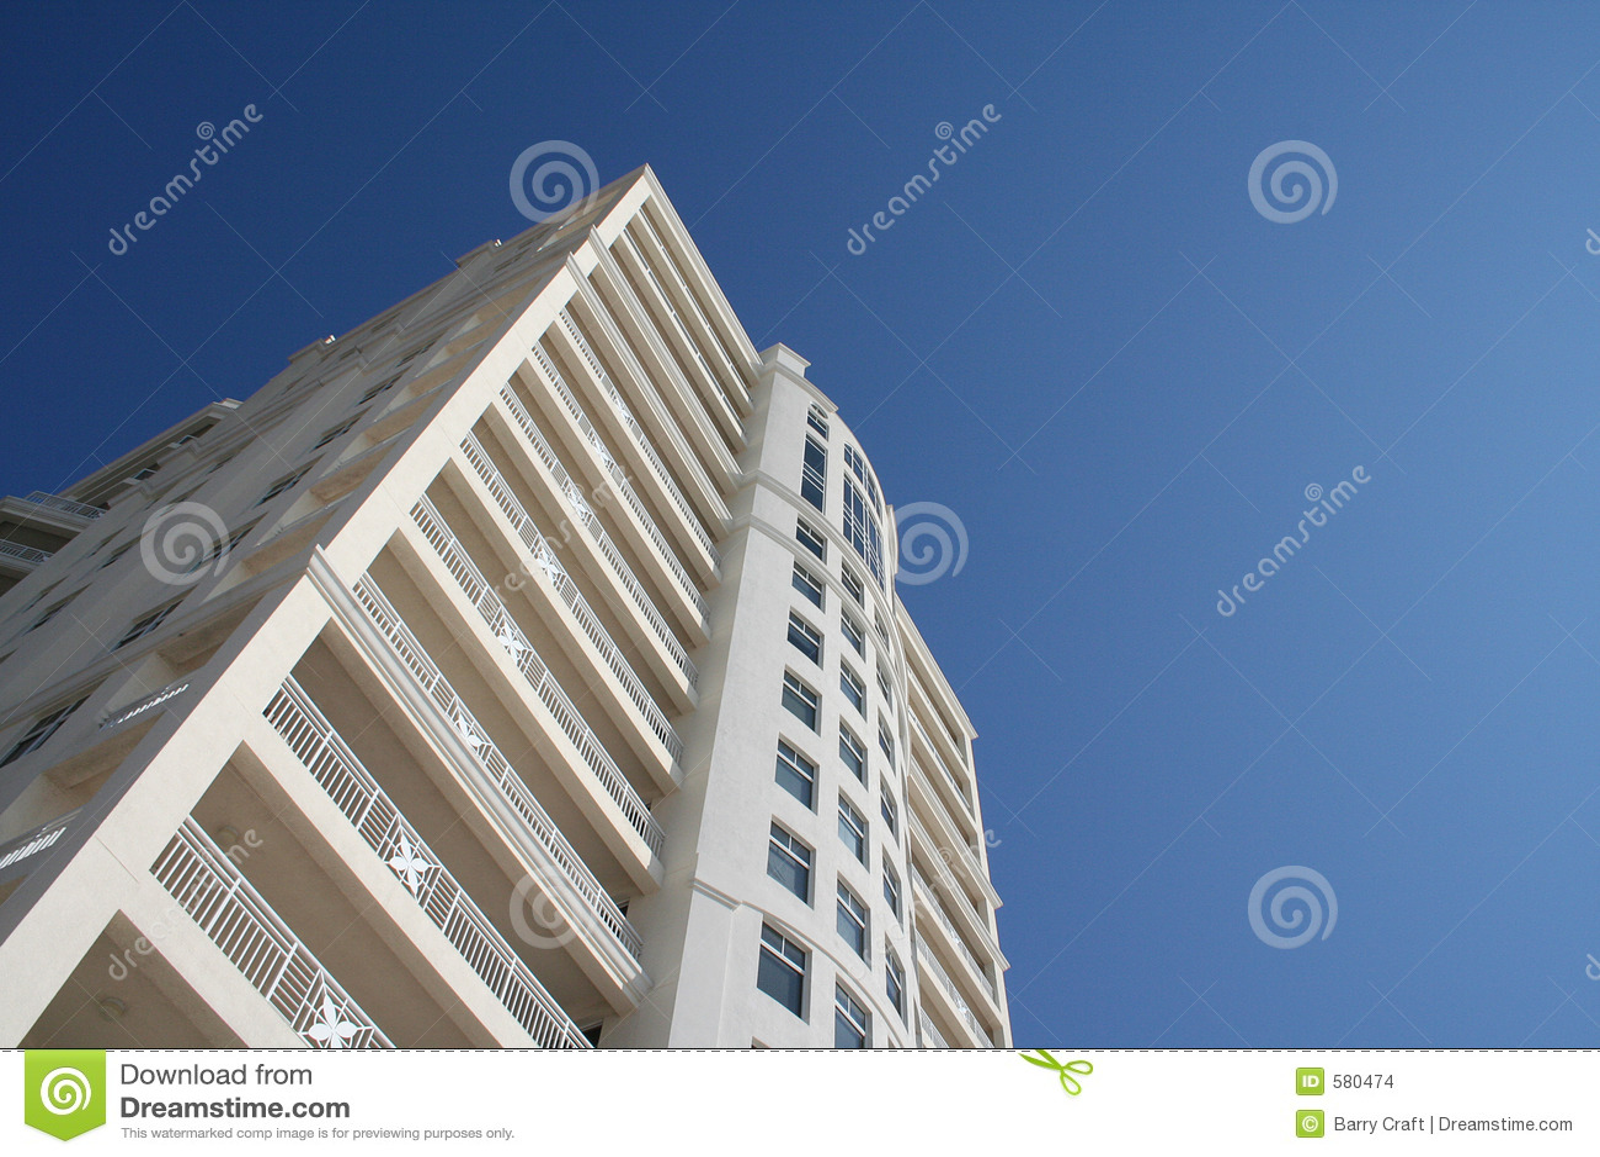 公寓房高层